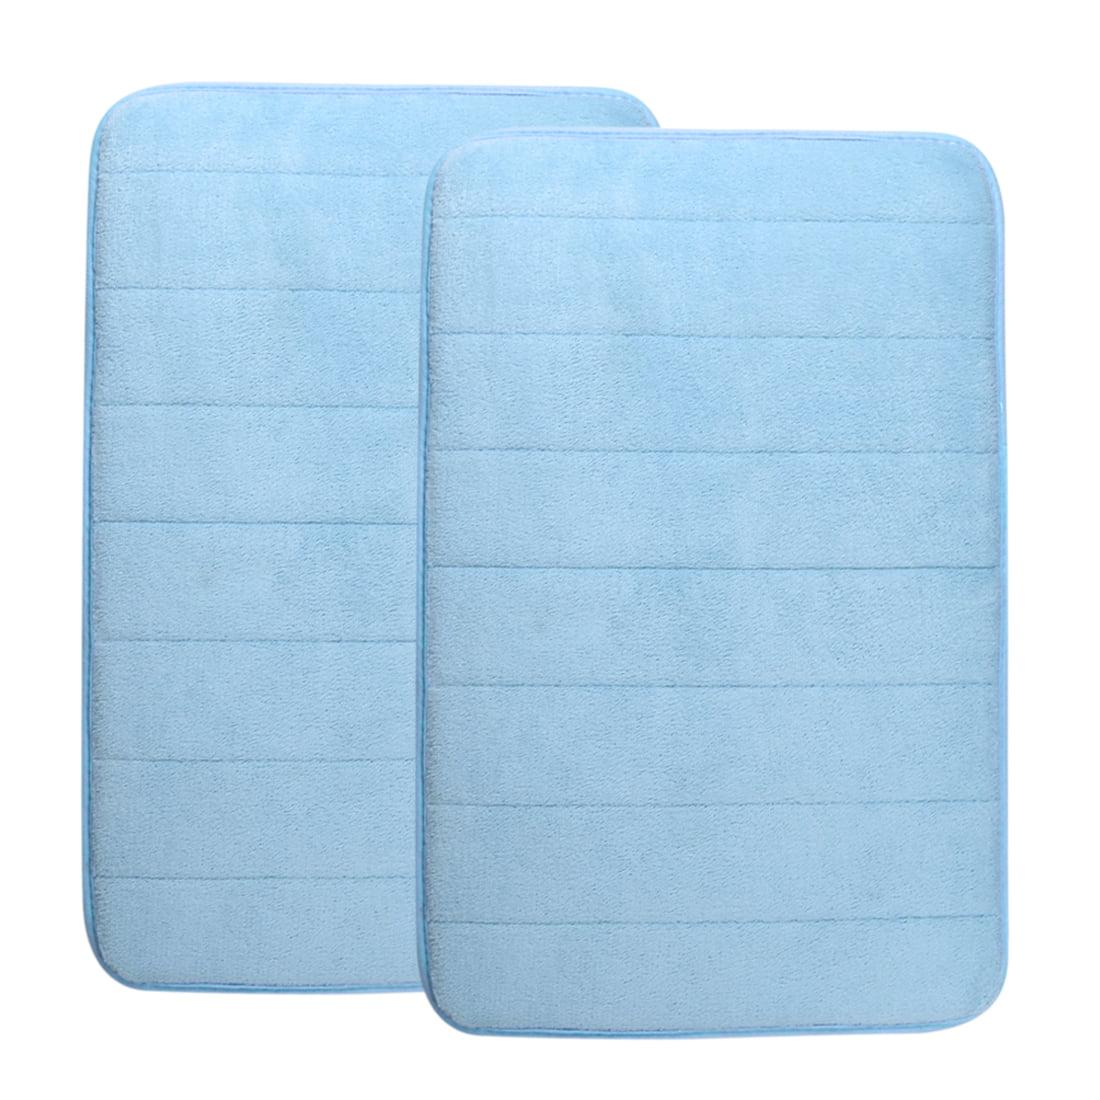 Unique Bargains Memory Foam Bath Rugs 2 Pcs